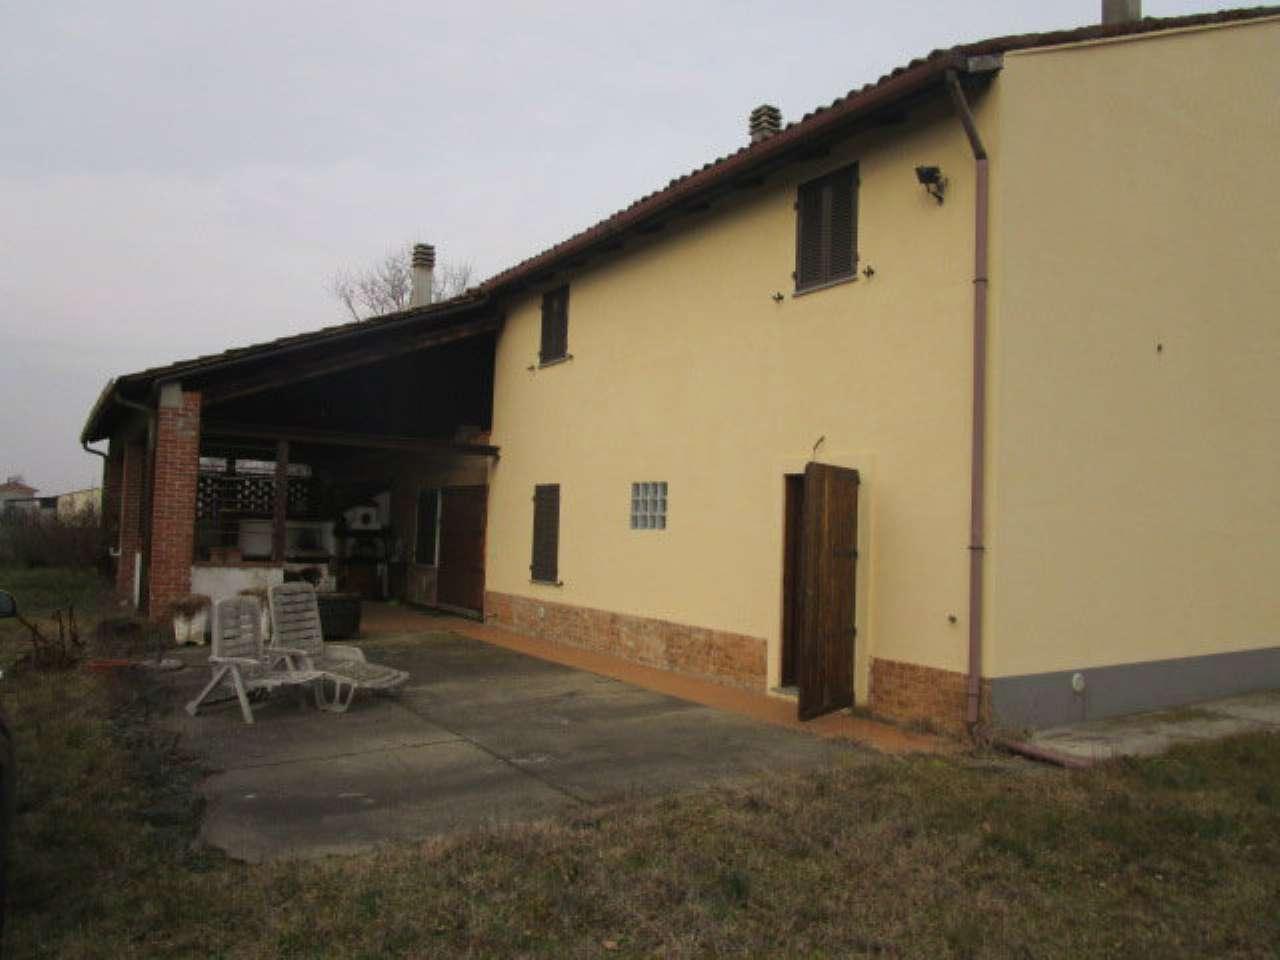 VENDITE Rustici e Case Alessandria 3588930